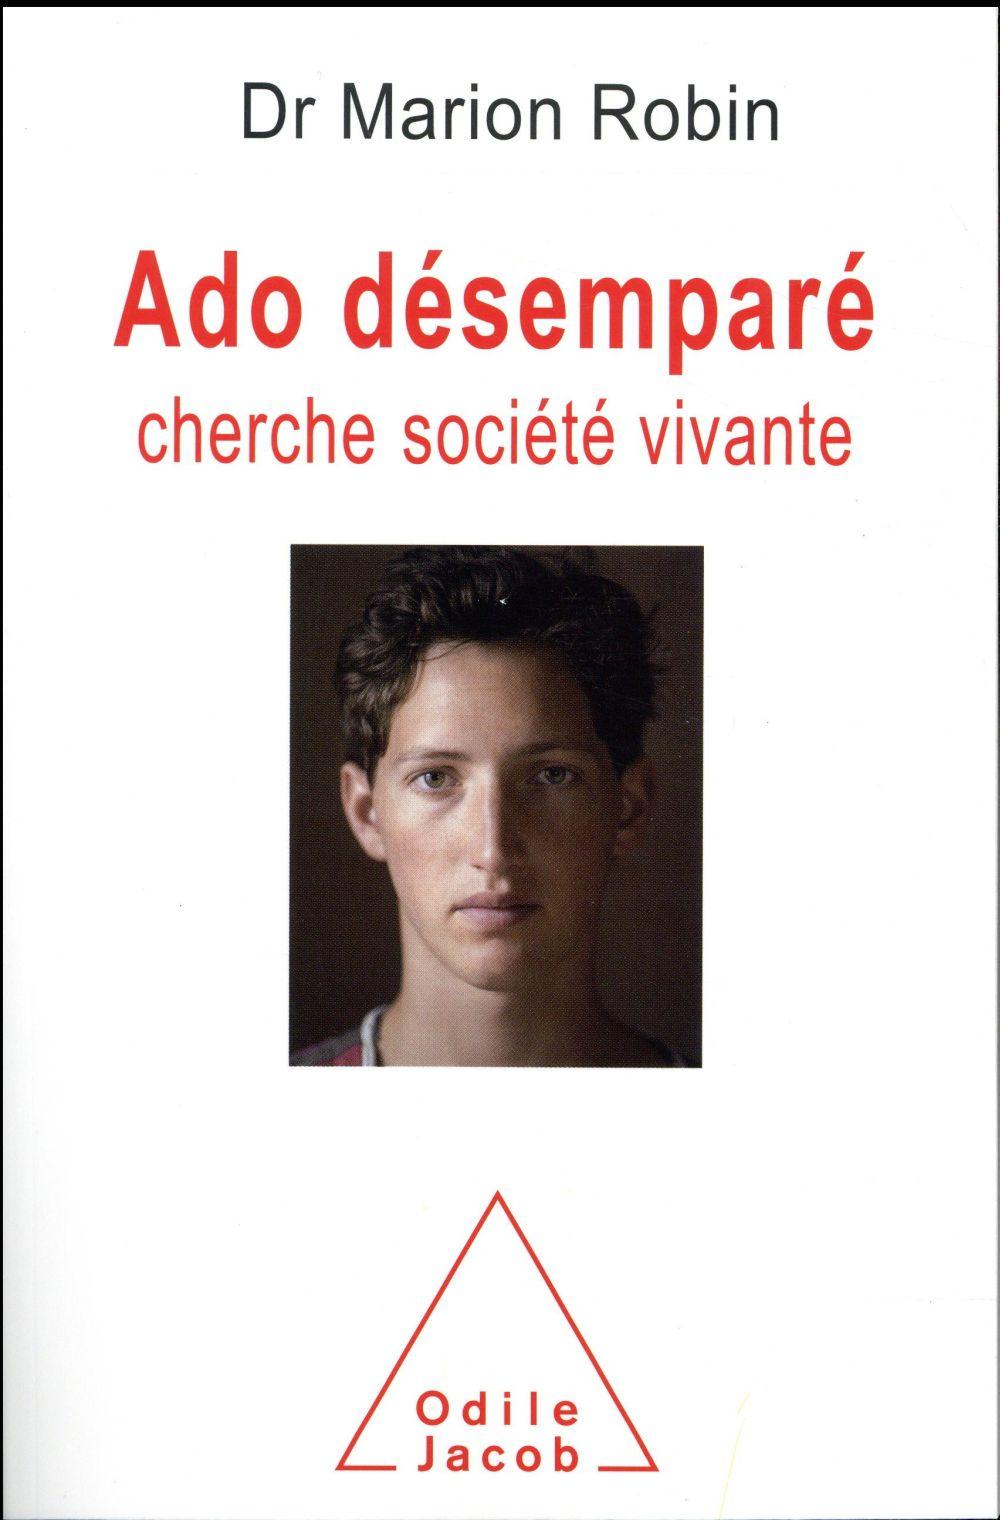 ADO DESEMPARE CHERCHE SOCIETE VIVANTE